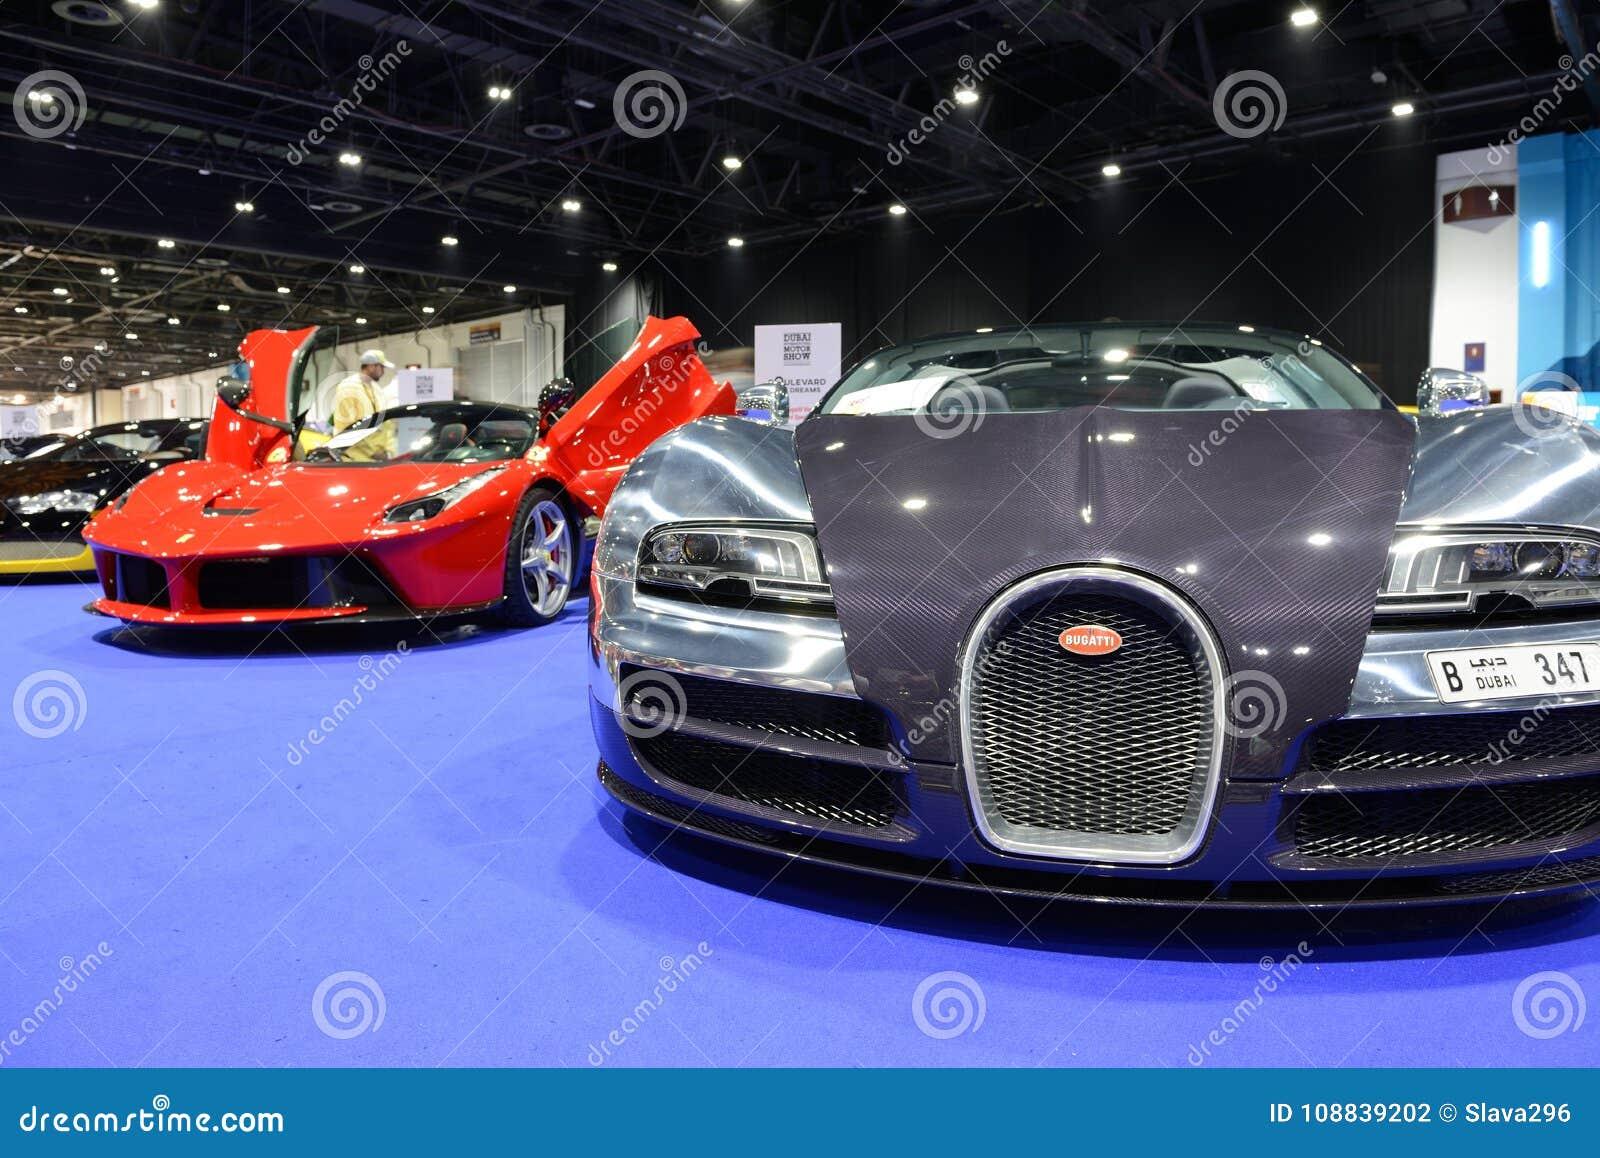 The Bugatti Veyron 6.4 Grand Sport Vitesse And Ferrari